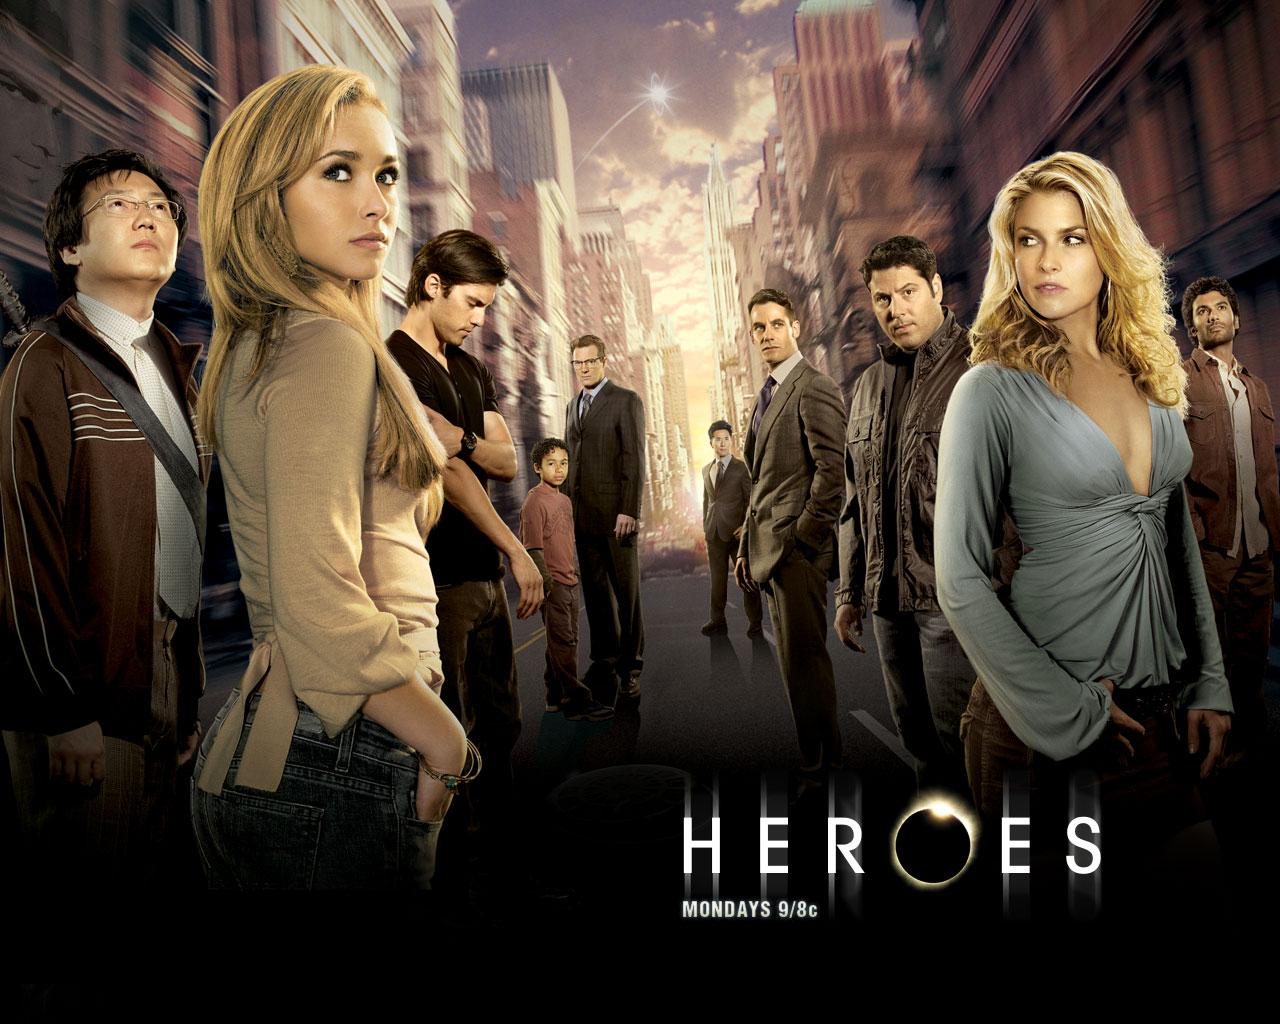 Heroes saison 4 épisode 19 streaming dans Series Heroes-heroes-357089_1280_1024